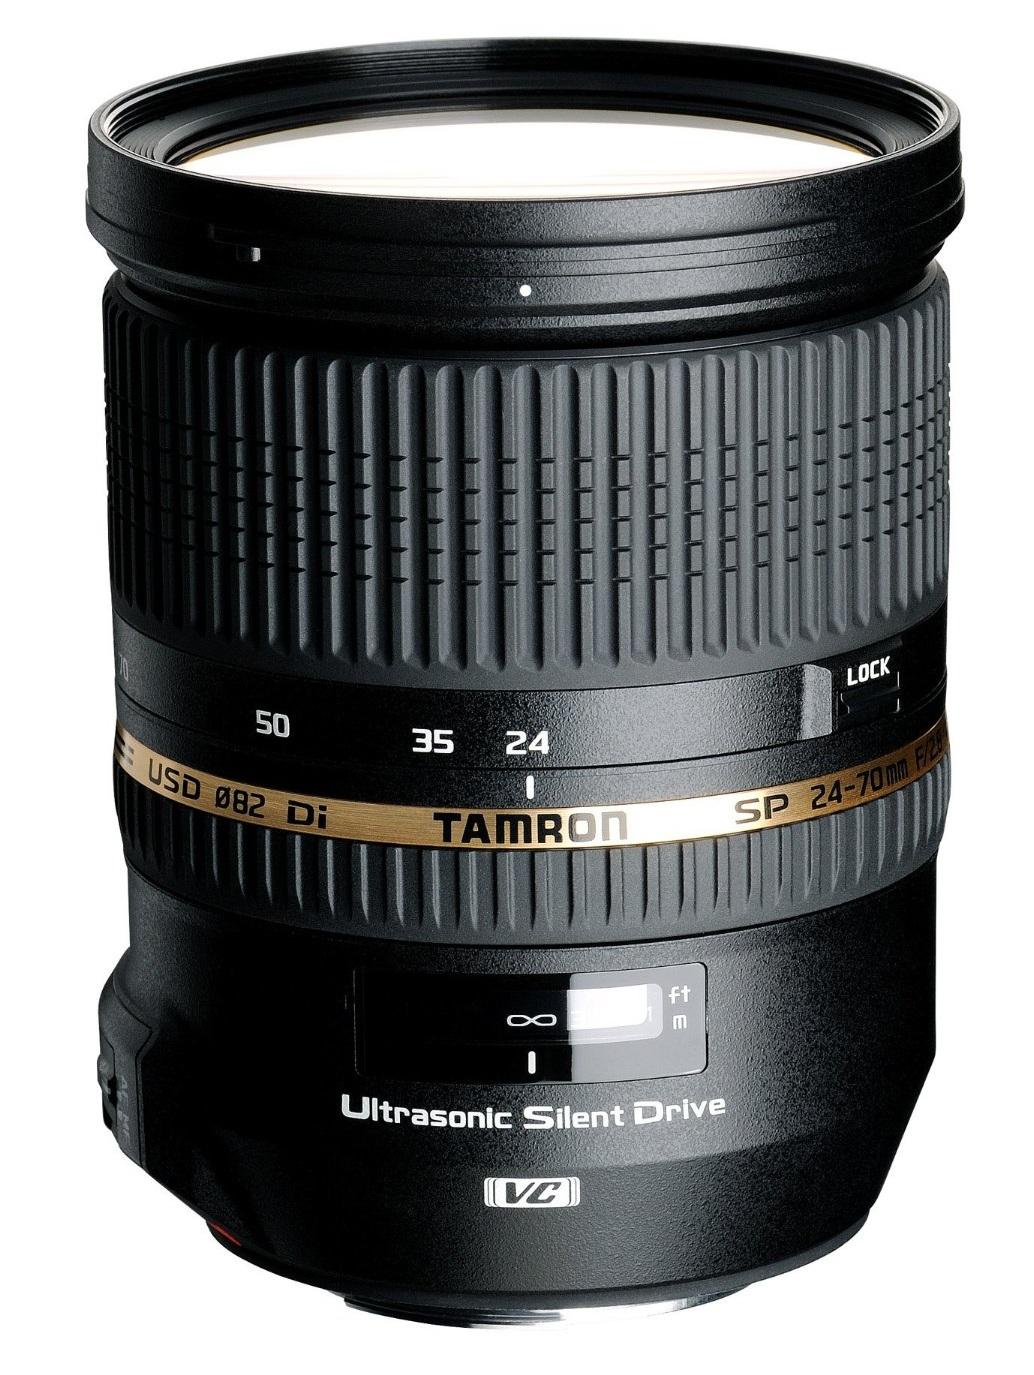 TAMRON 24-70mm 2.8